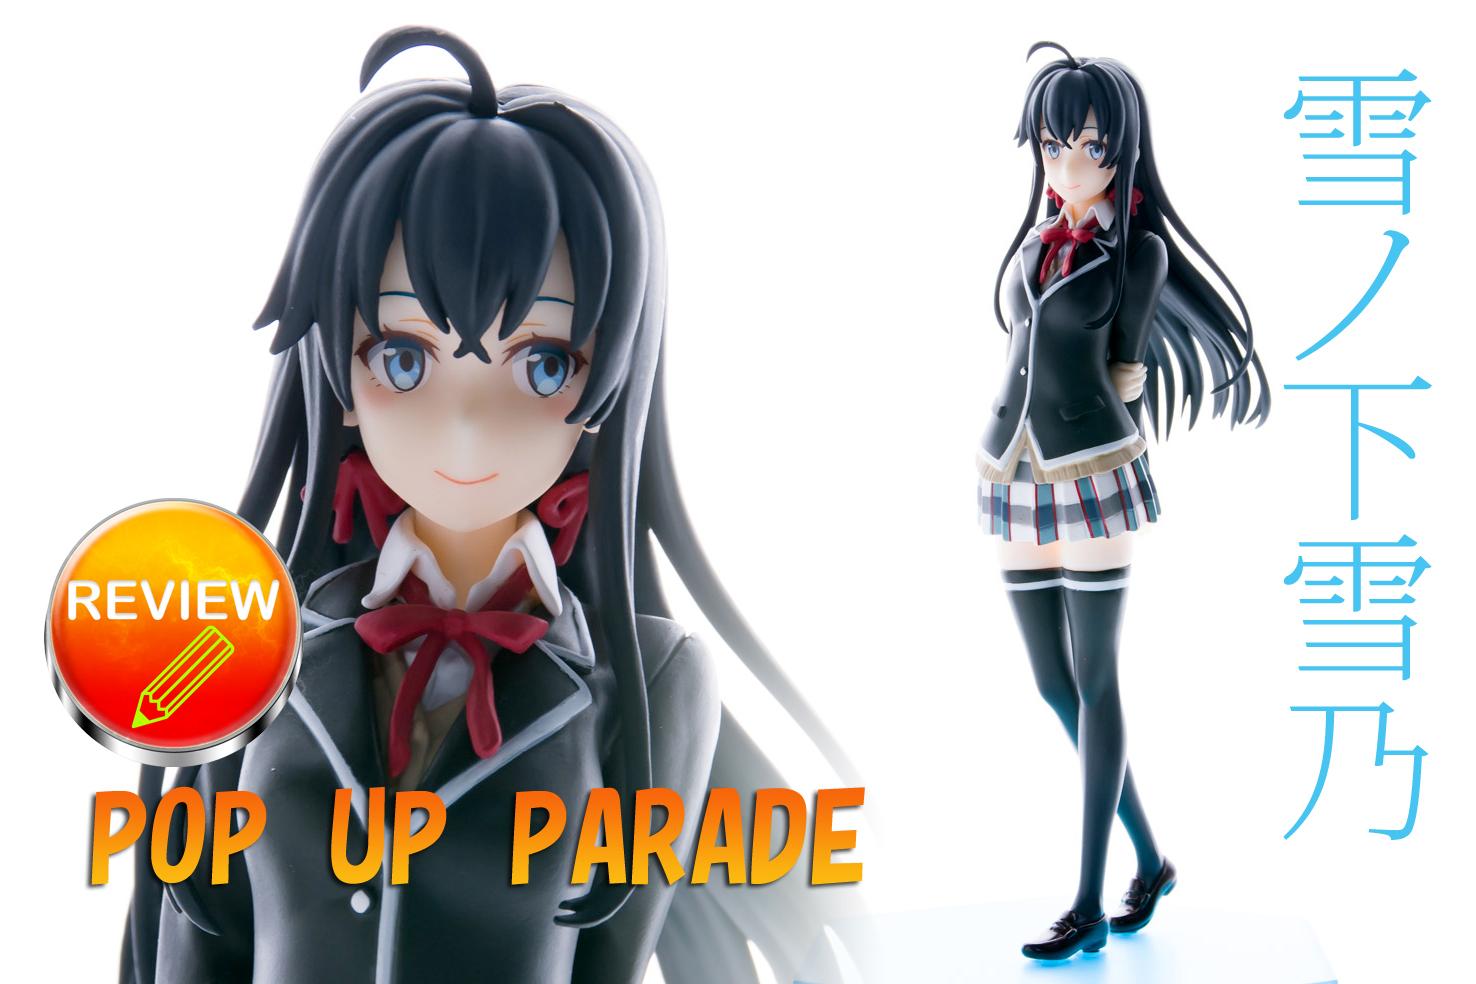 POP UP PARADE 雪ノ下雪乃